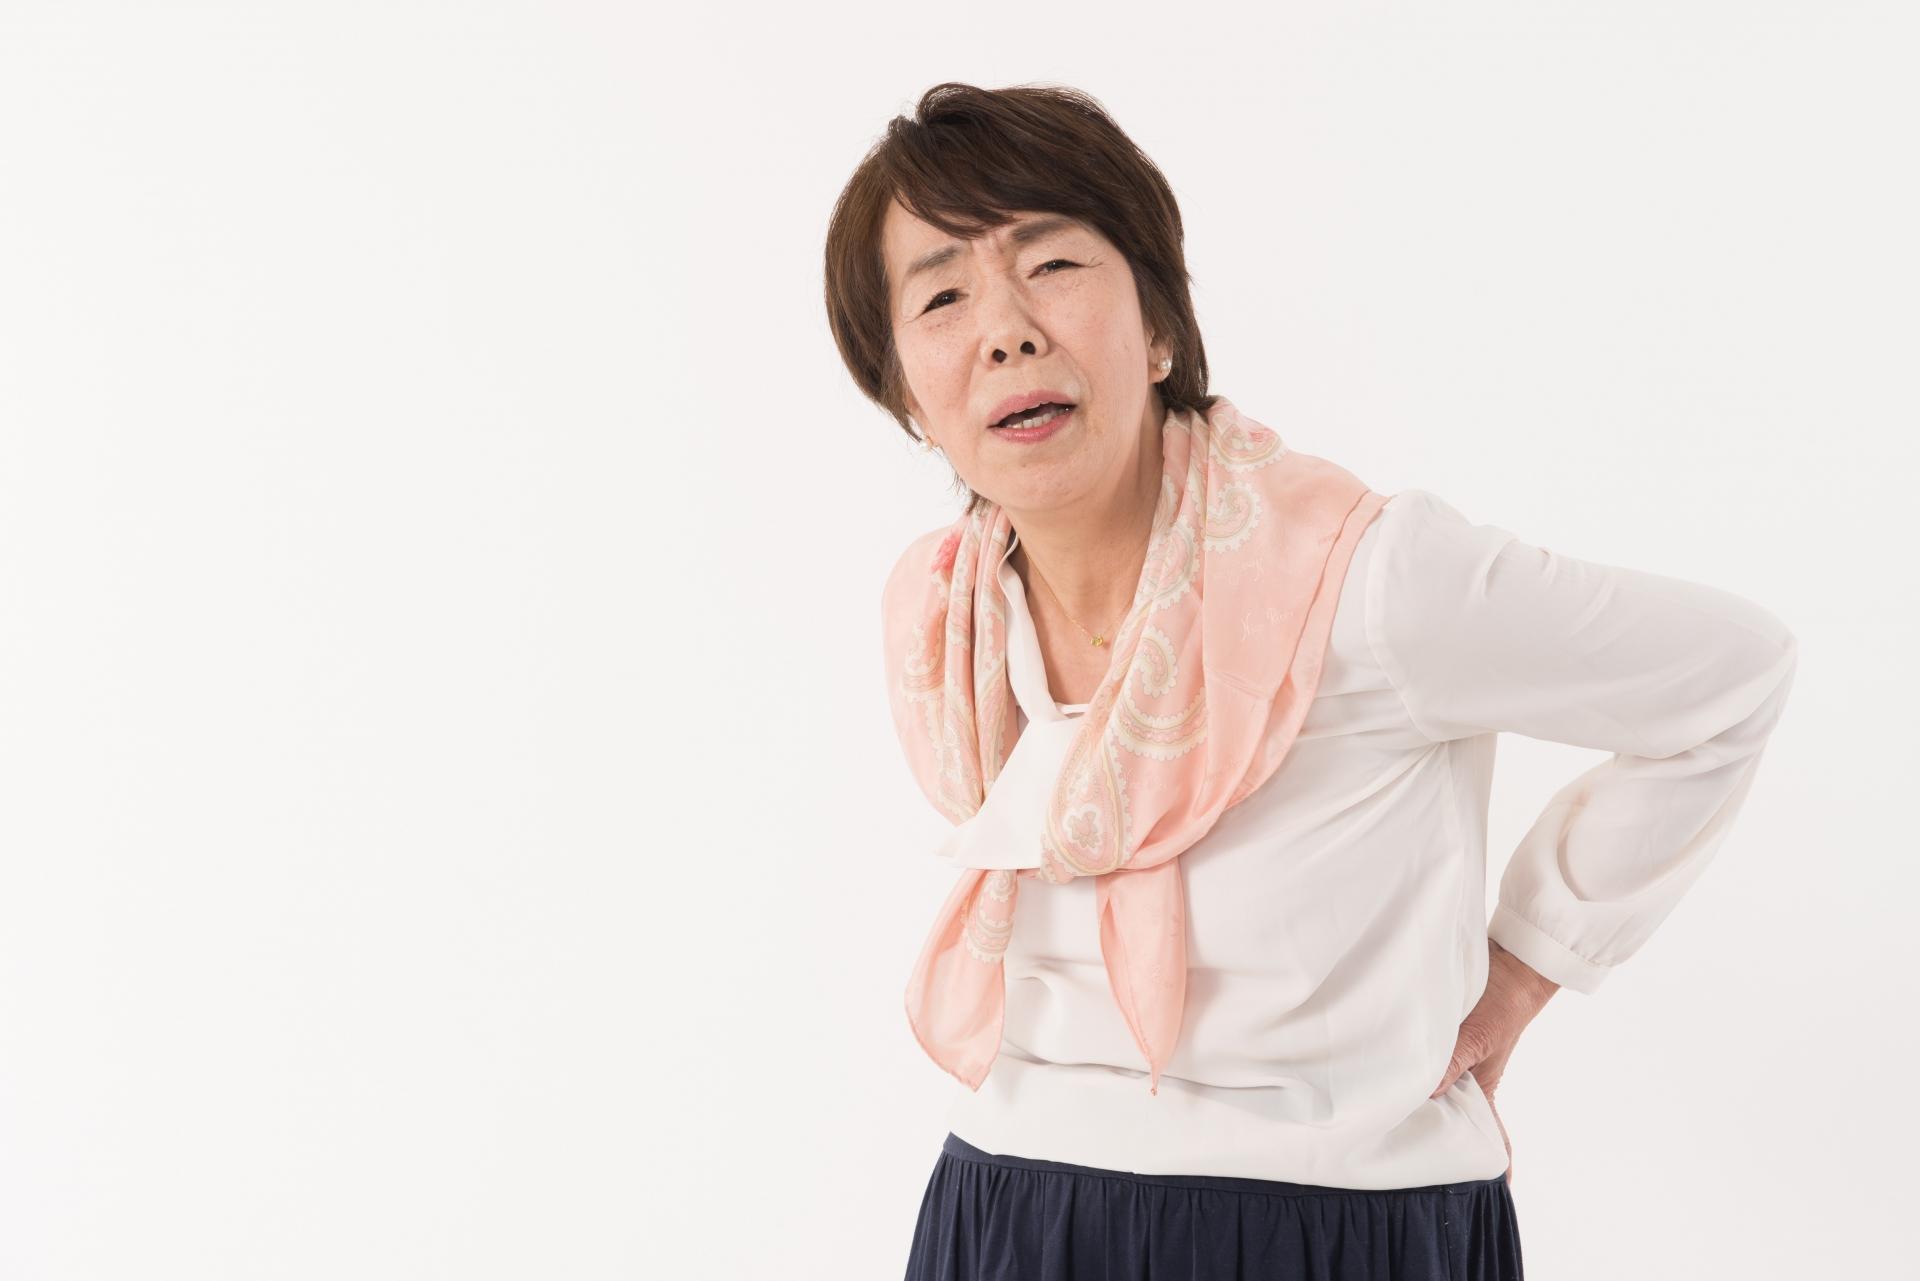 脊柱管狭窄症について